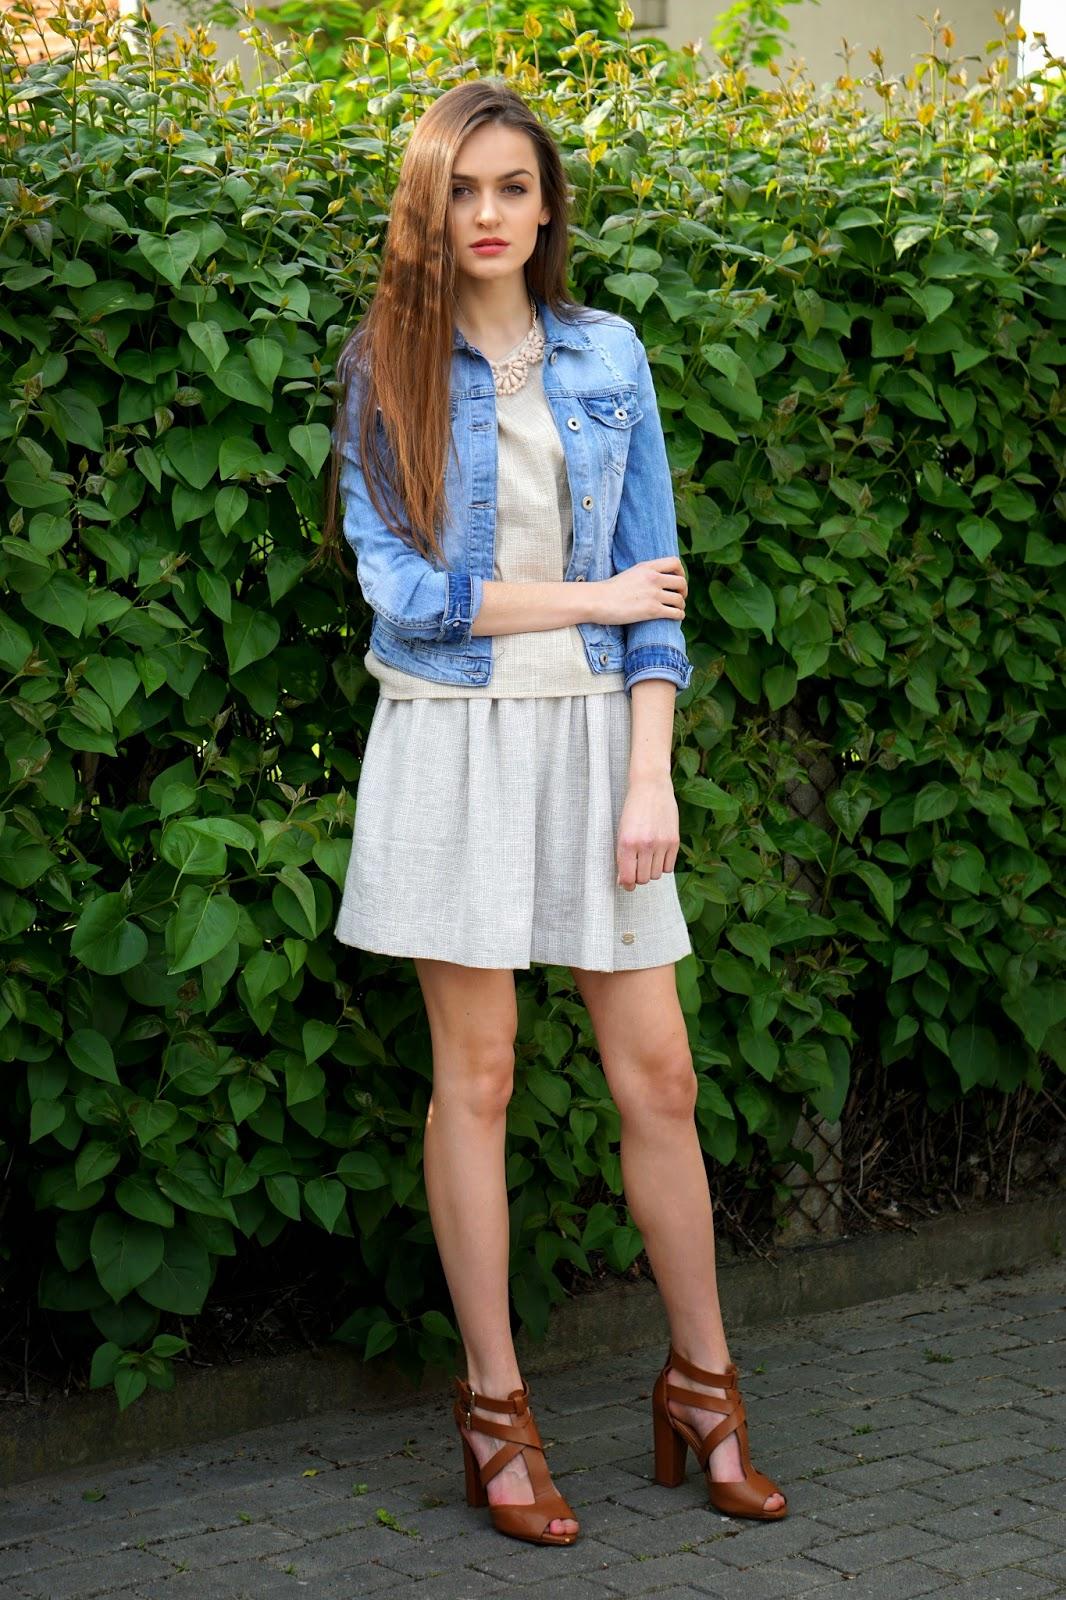 beige & jeans